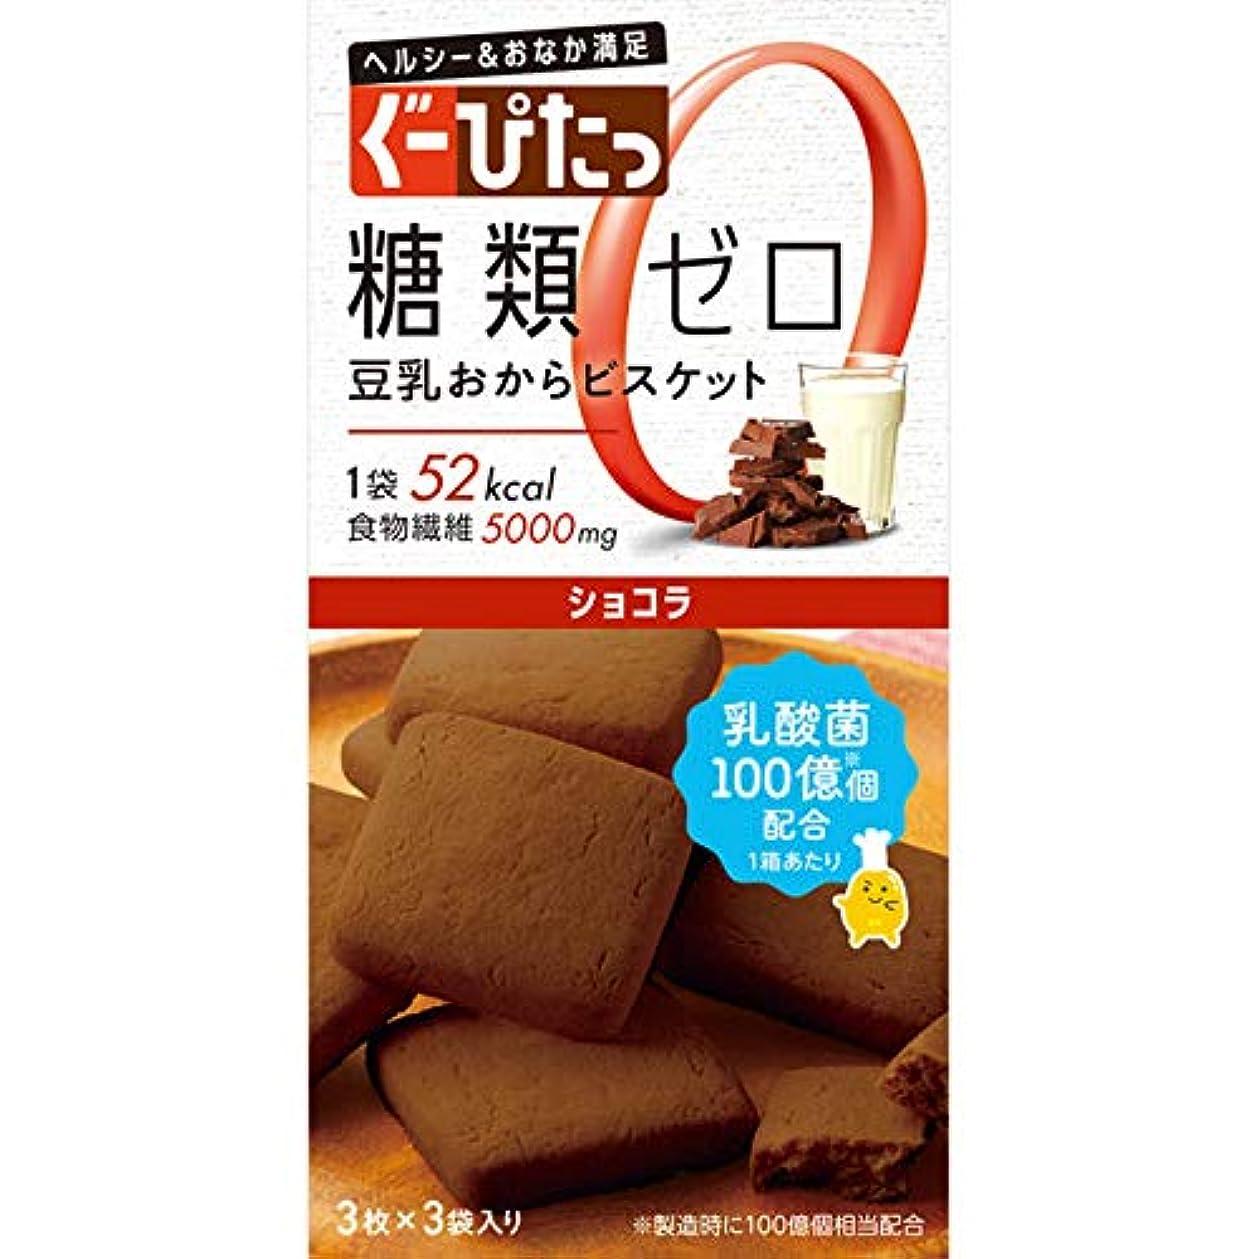 退院場所レキシコンナリスアップ ぐーぴたっ 豆乳おからビスケット ショコラ (3枚×3袋) ダイエット食品